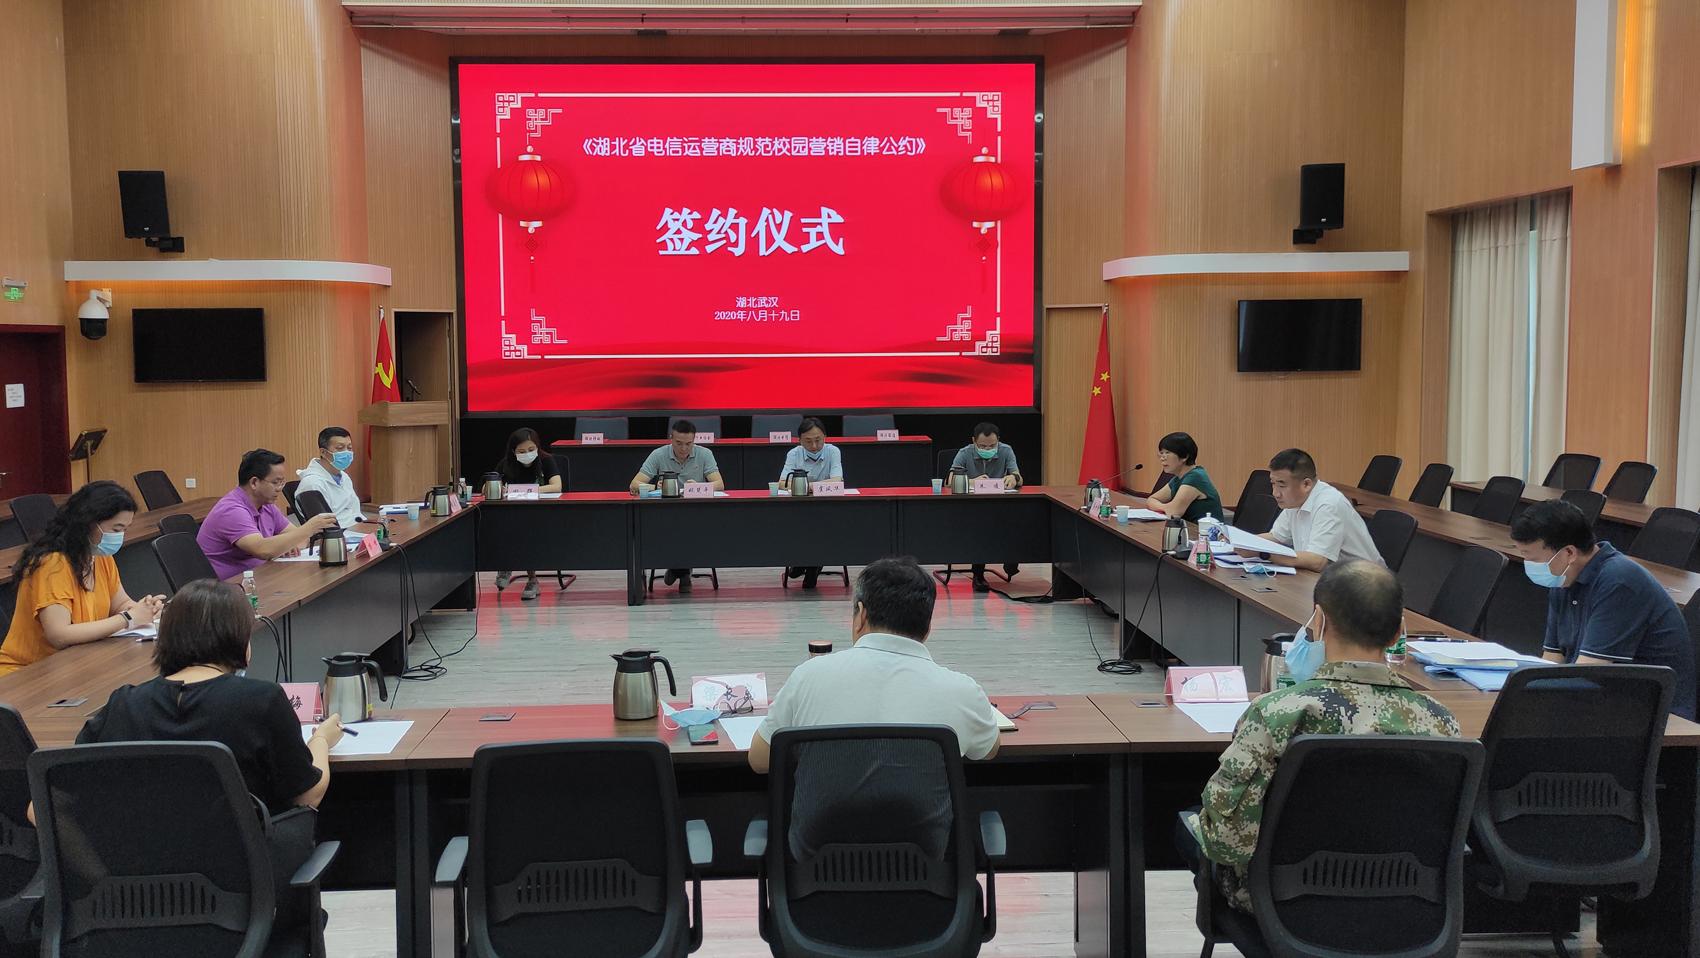 协会与电信运营商签署《湖北省电信运营商规范校园营销行为自律公约》